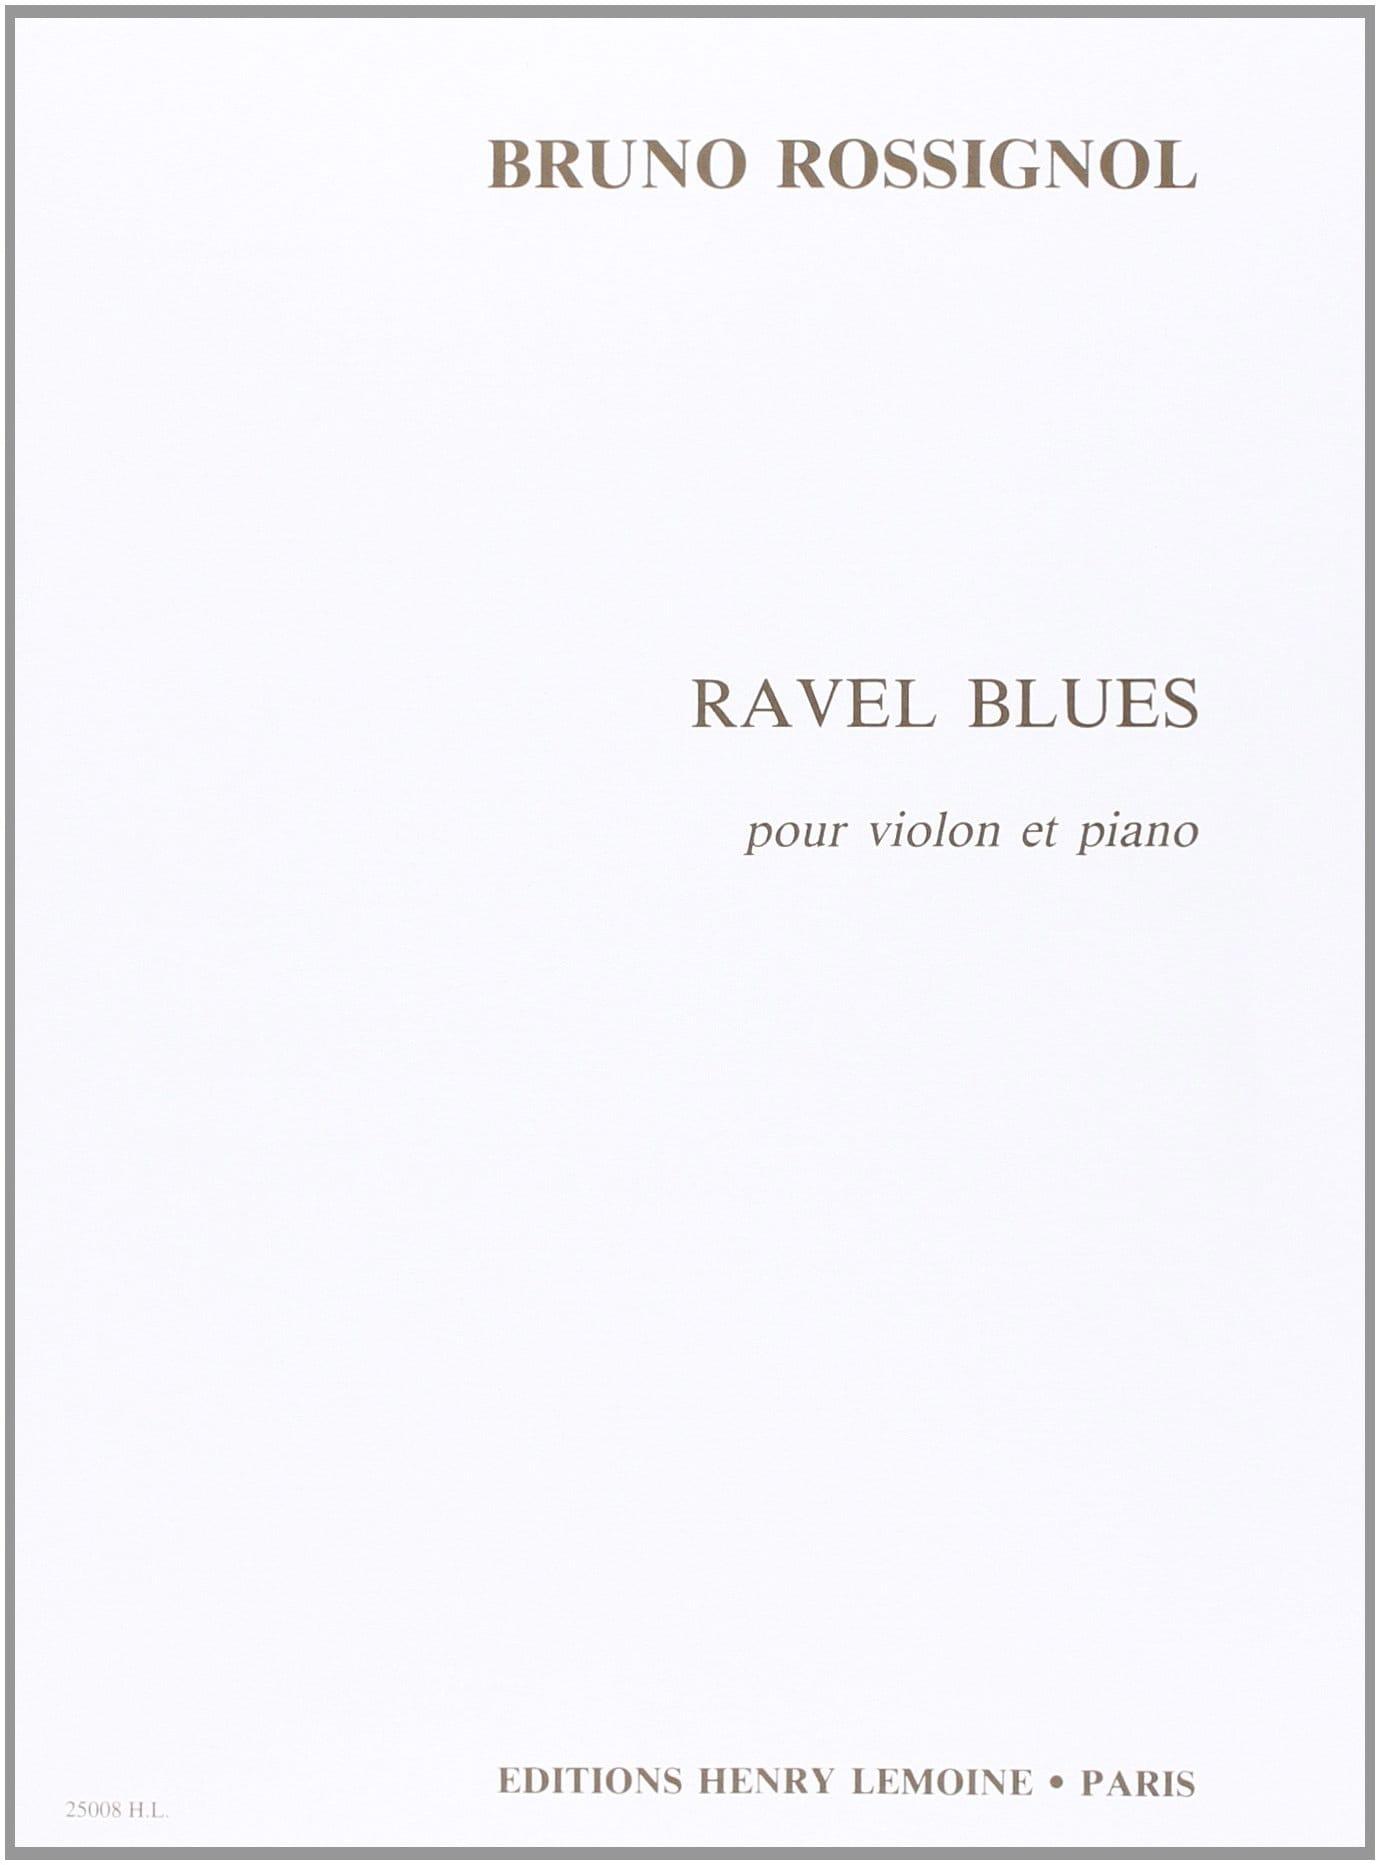 Bruno Rossignol - Ravel Blues - Partition - di-arezzo.fr